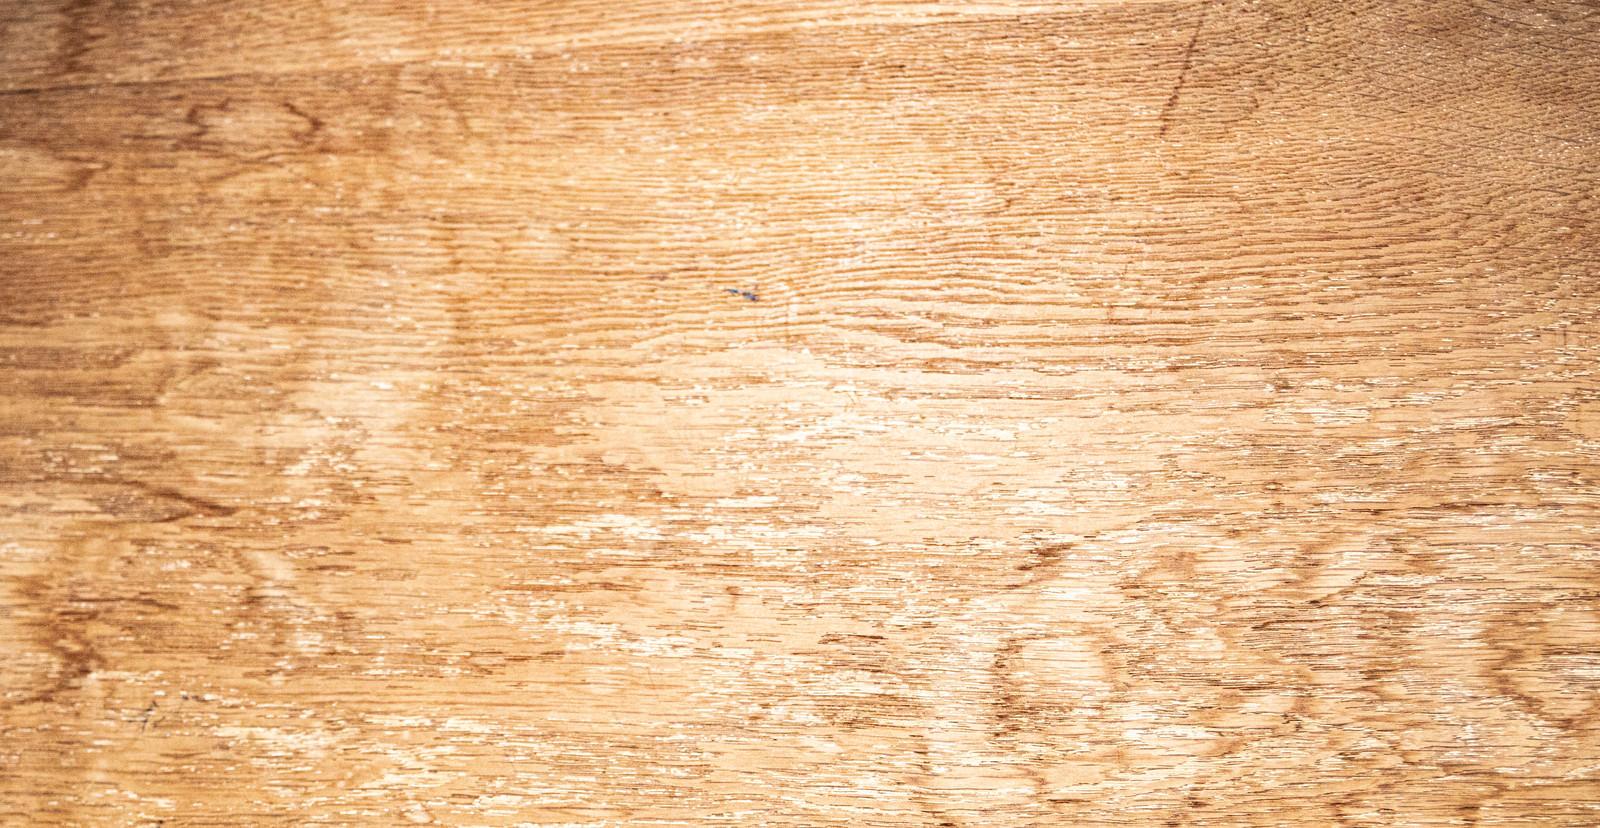 「色あせた木目板」の写真